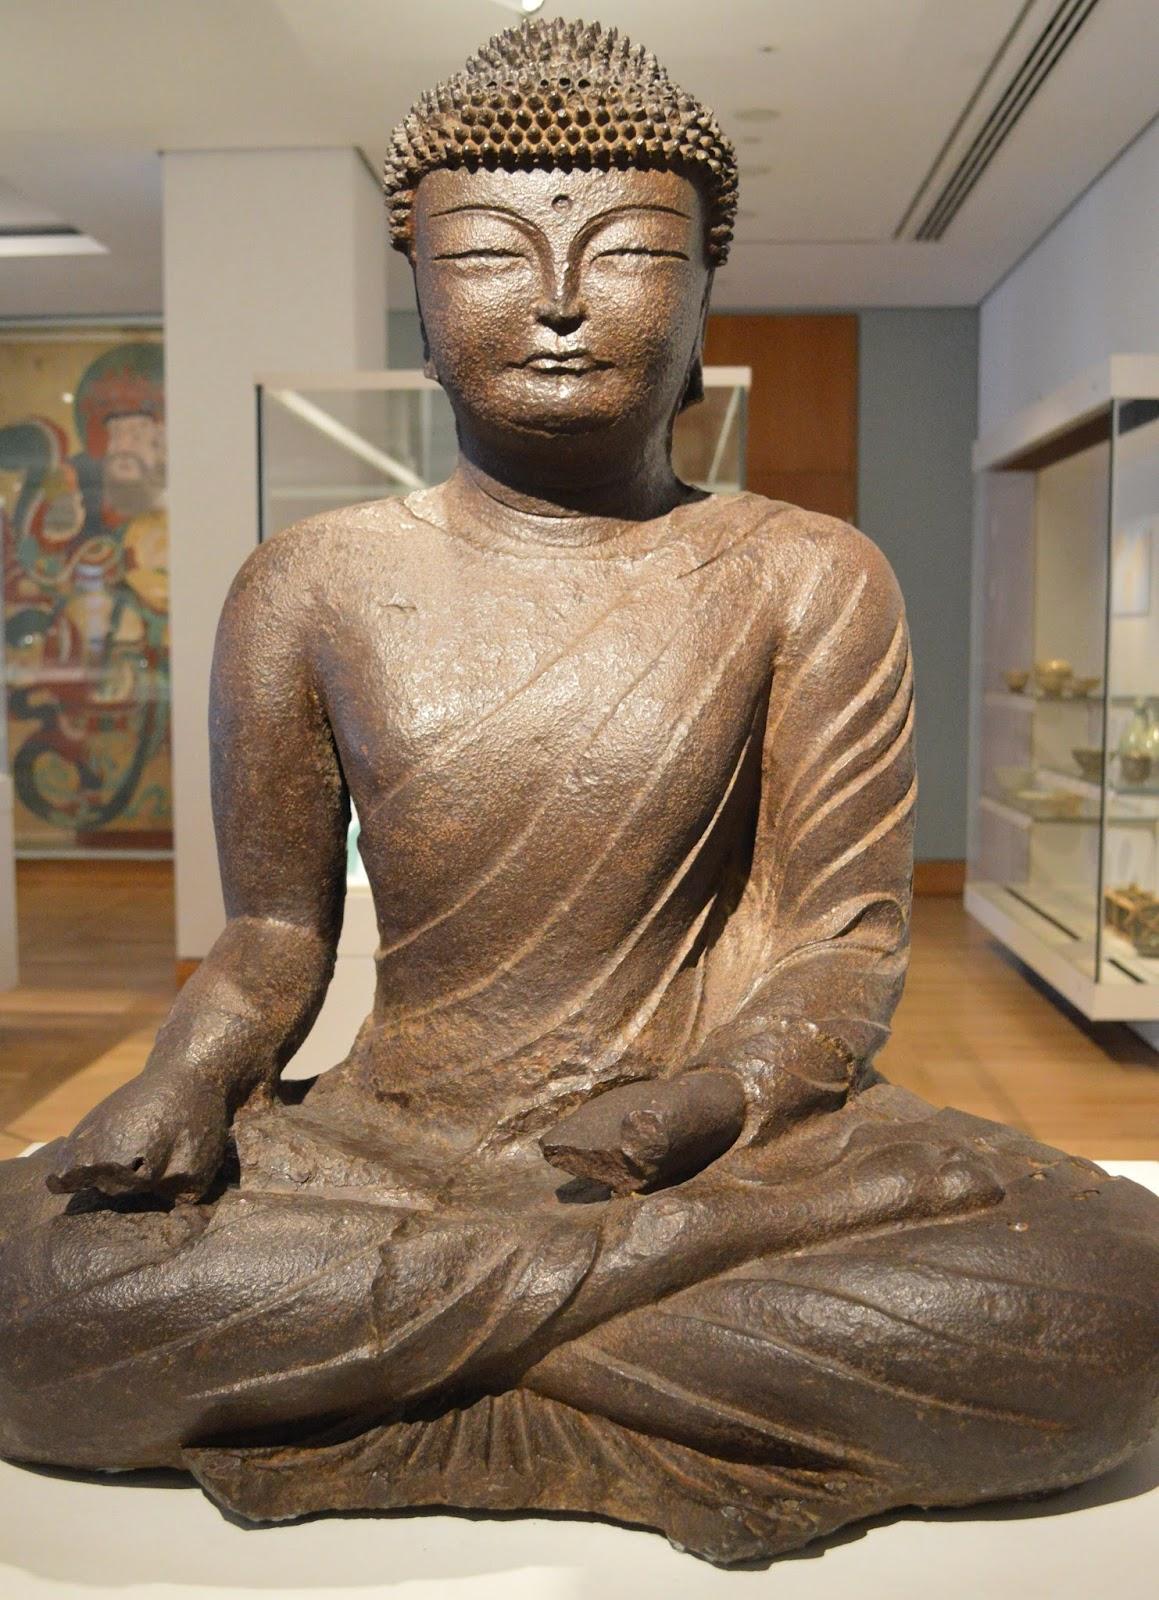 Korean Buddha statue at the British Museum